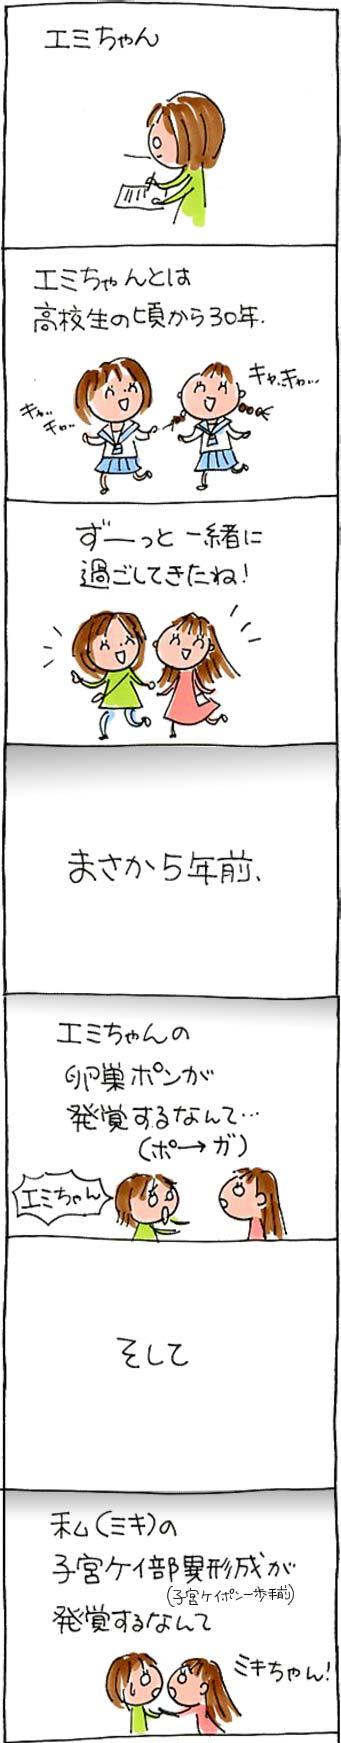 ミキエミ01